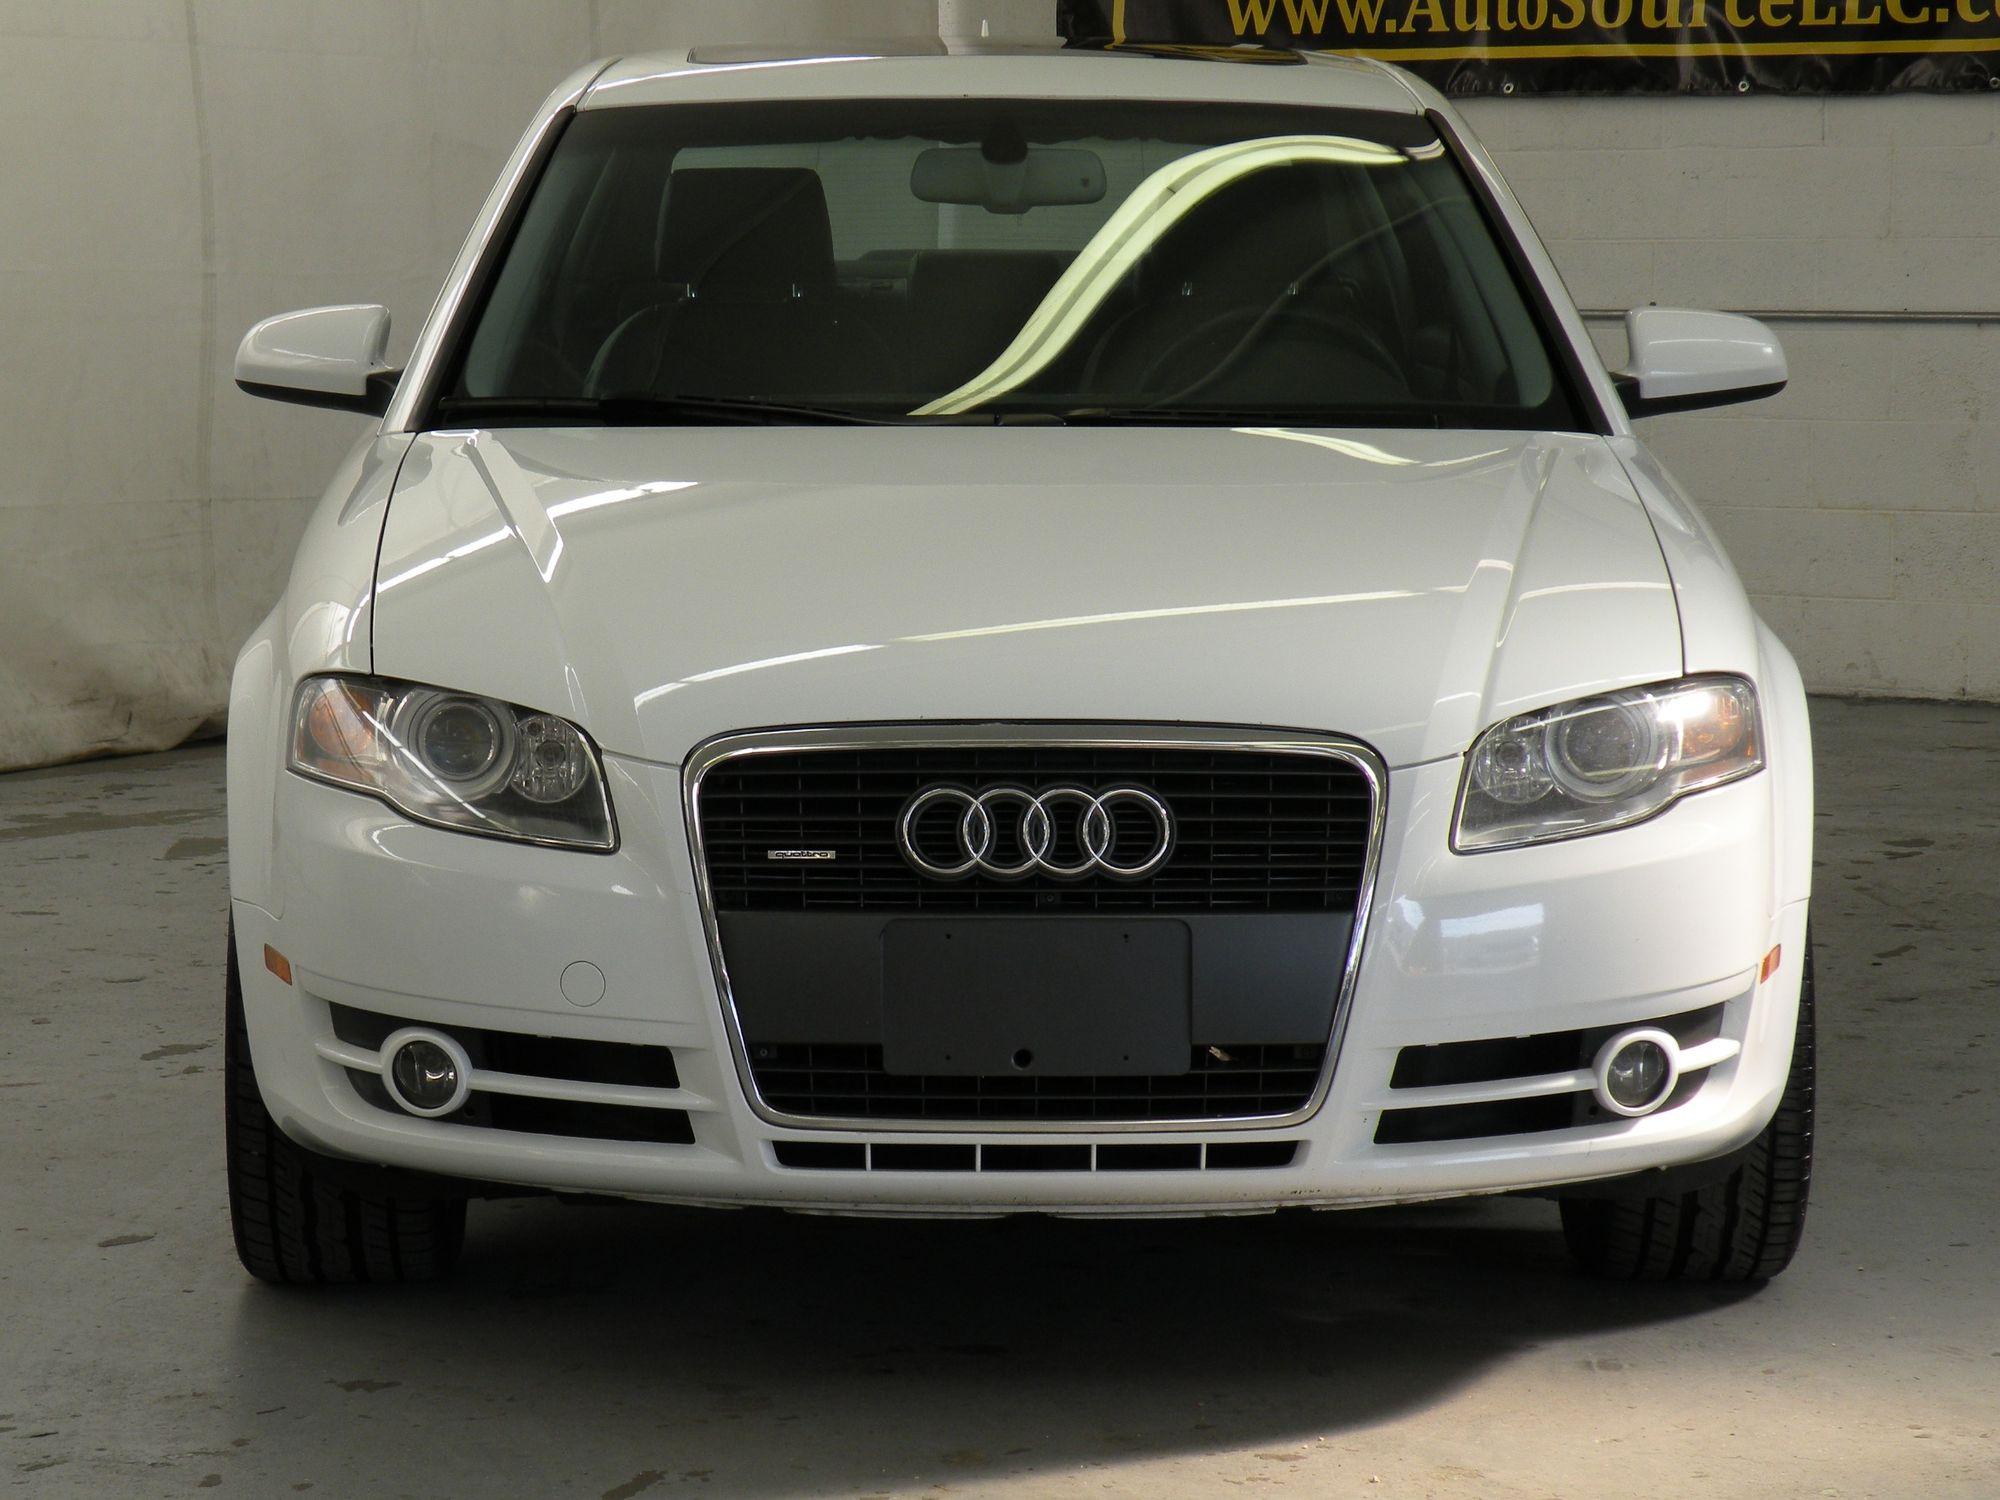 2007 Audi A4 2 0T quattro